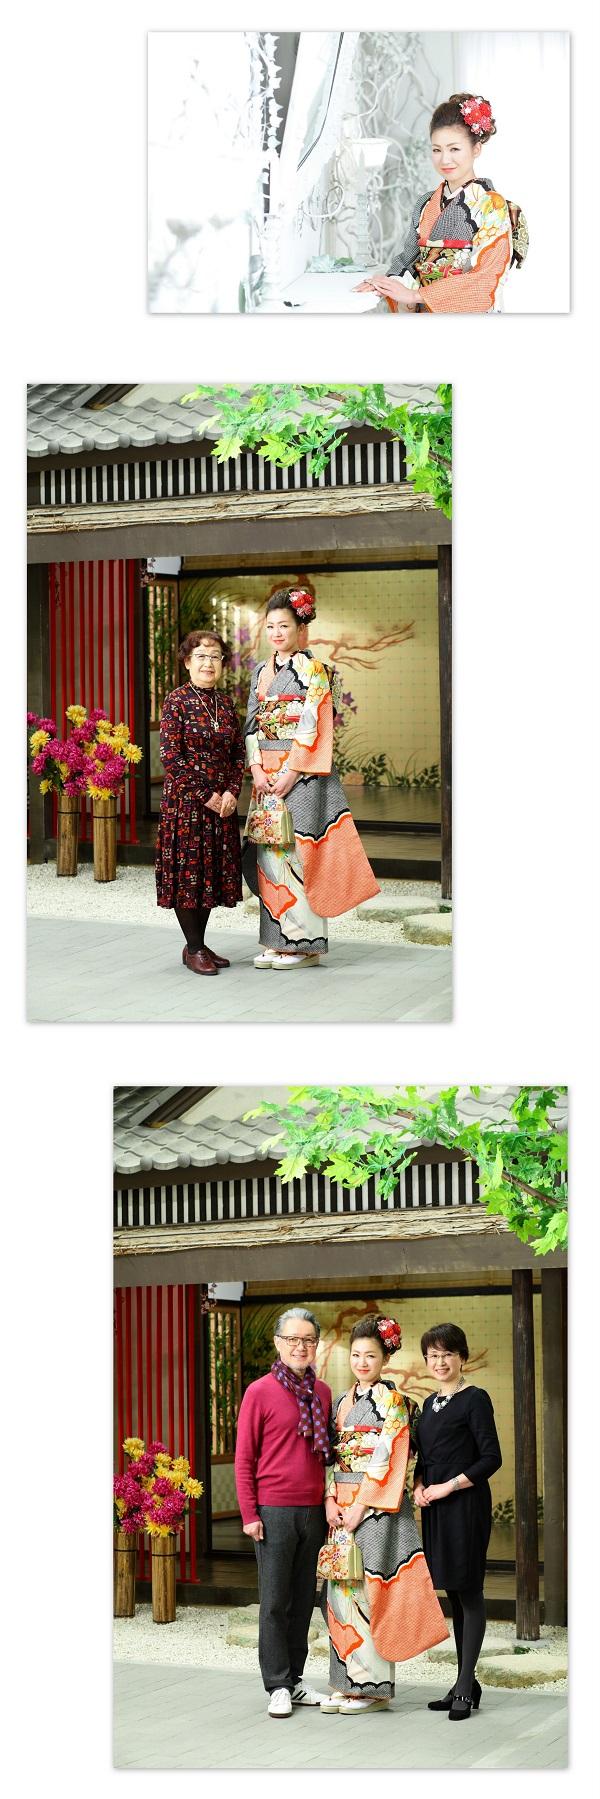 夏目さま_家族写真コラージュ1_600